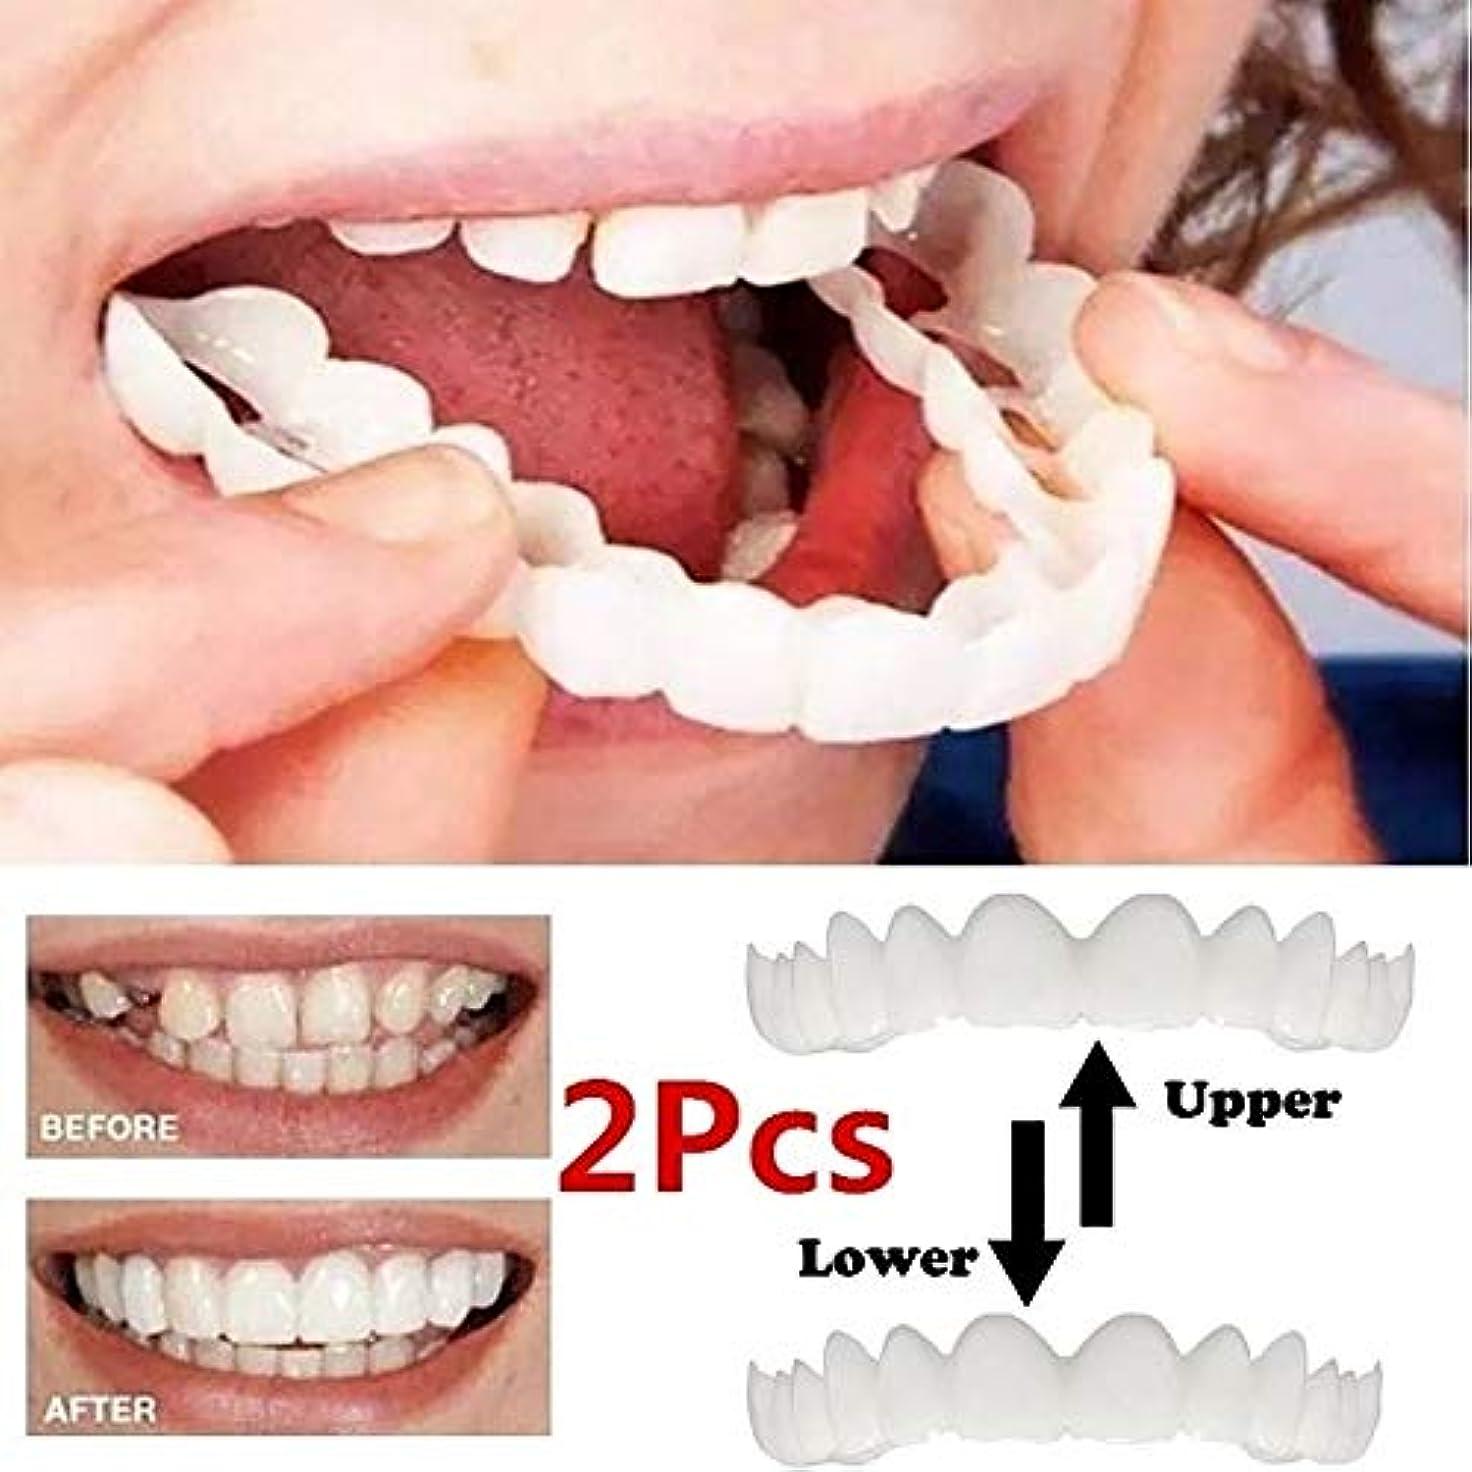 ポジティブ正確なラブ2ピース再利用可能大人スナップオンパーフェクトスマイルホワイトニング義歯フィットフレックス化粧品歯快適なベニアカバーデンタルケアアクセサリー